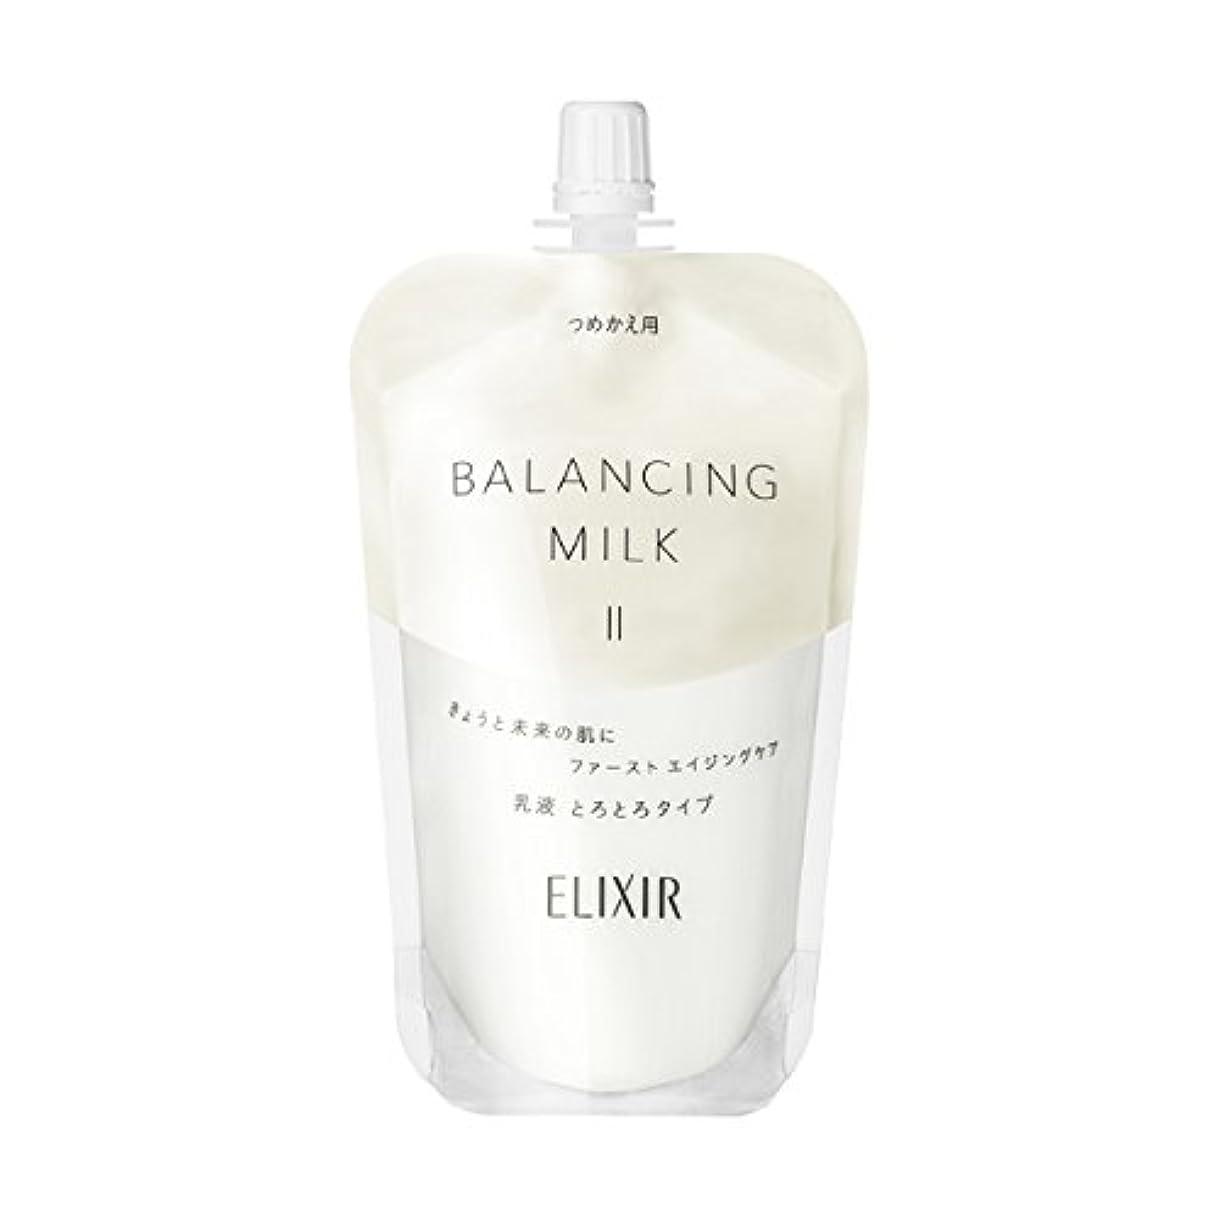 ランク人質前方へエリクシール ルフレ バランシング ミルク 乳液 2 (とろとろタイプ) (つめかえ用) 110mL